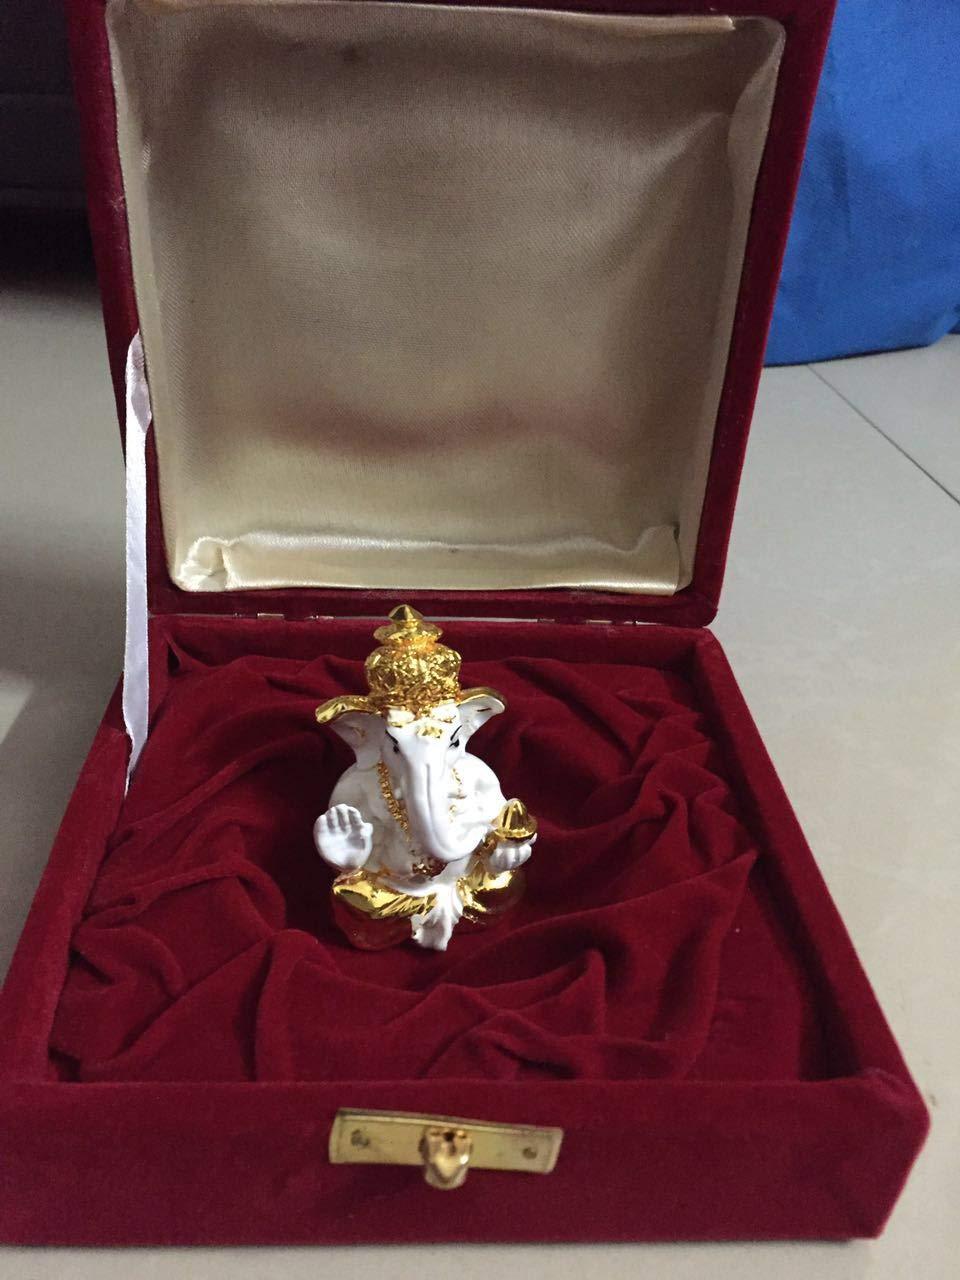 Buy 24k Gold & 999 Silver Plated Ganesha in Velvet Box